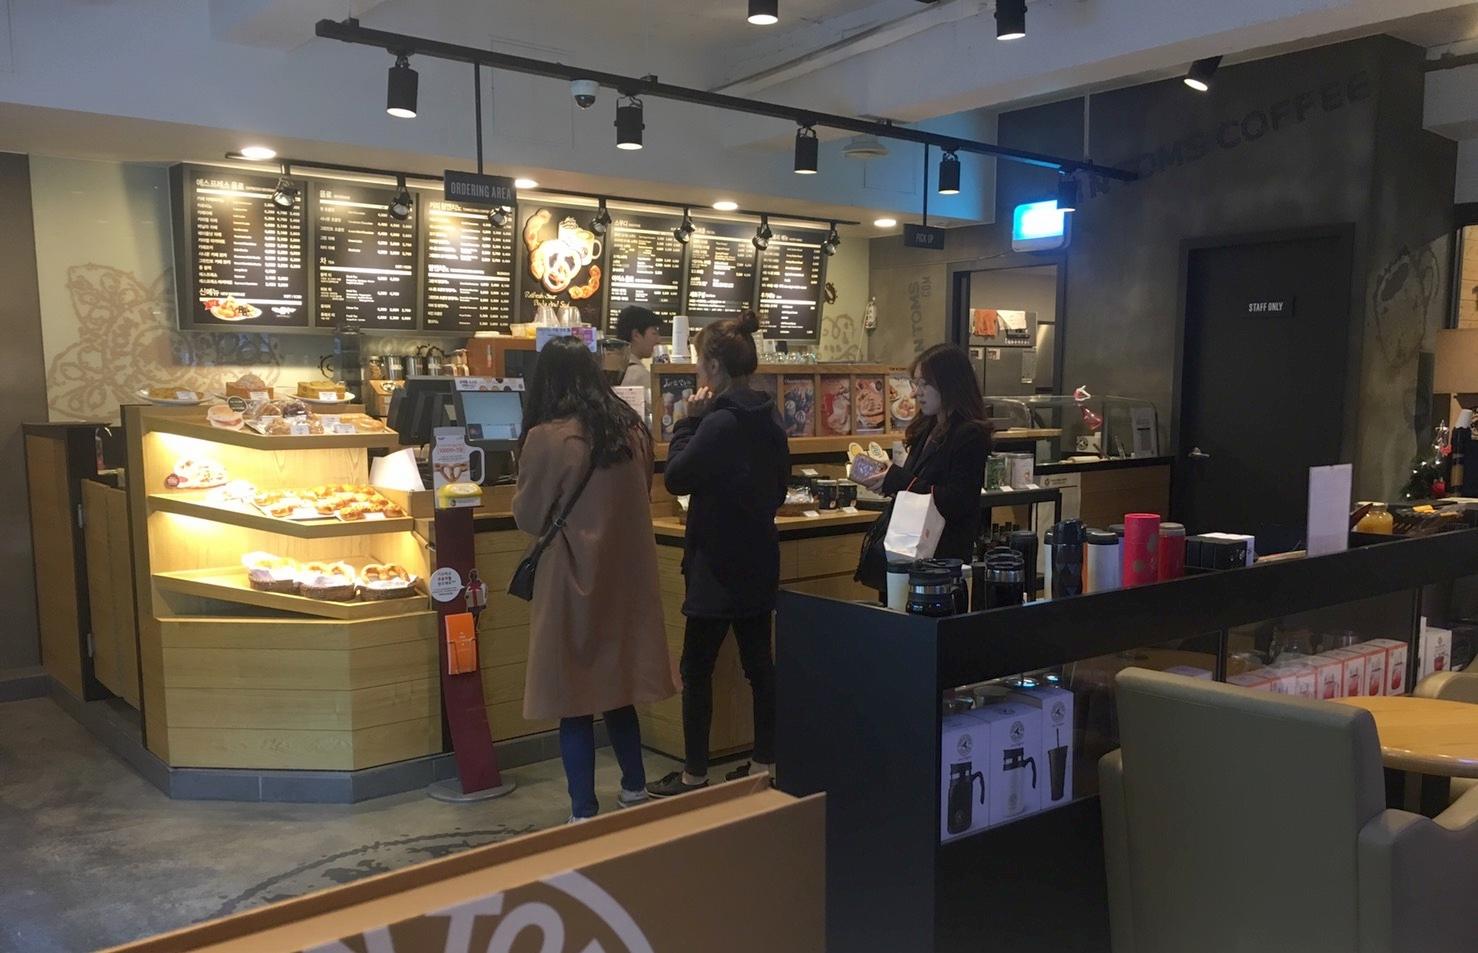 탐앤탐스 커피숍 내에 스타트업 공간이 위치해 있어, 언제든지 신선한 커피를 사서 마실 수 있다